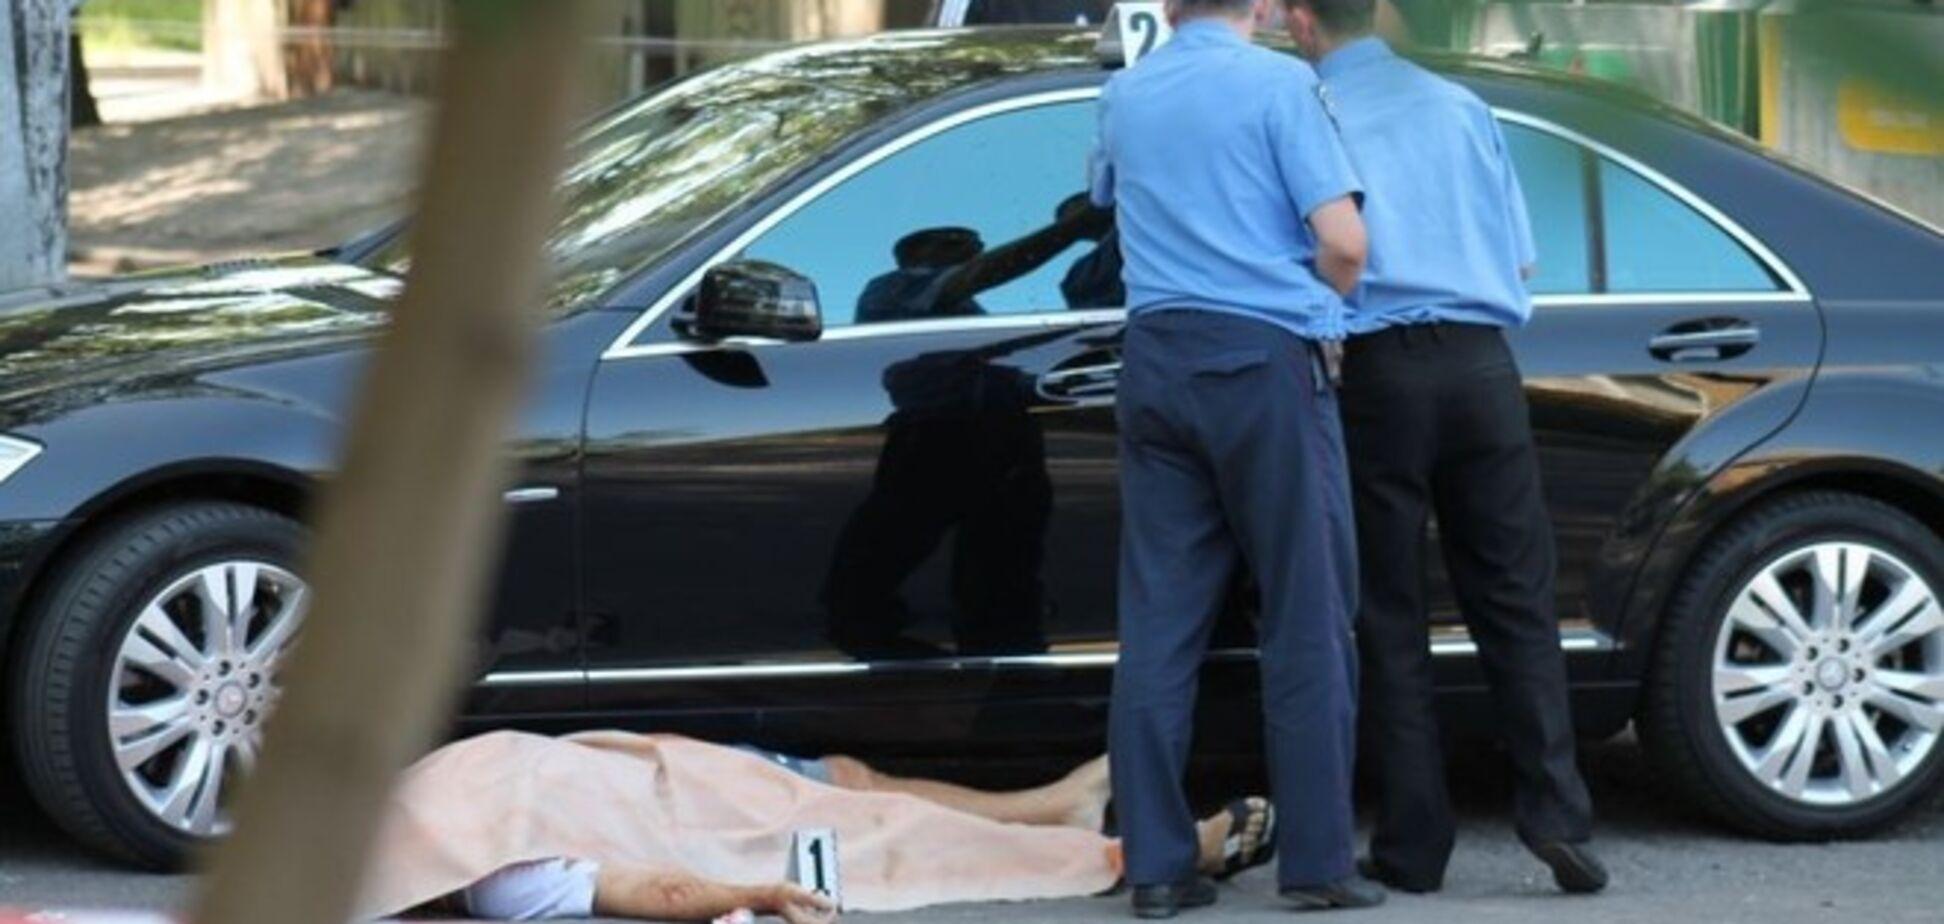 Свідок повідомив подробиці вбивства мера Кременчука